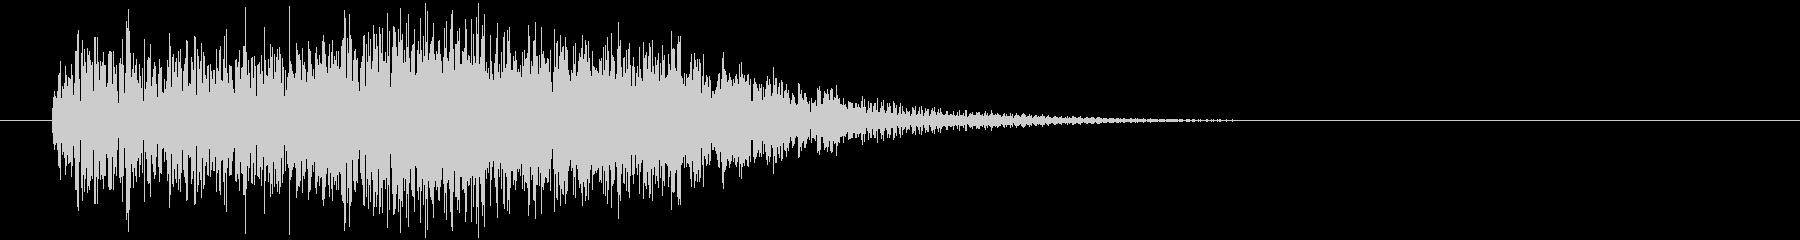 蠢くX(ホラー系)の未再生の波形